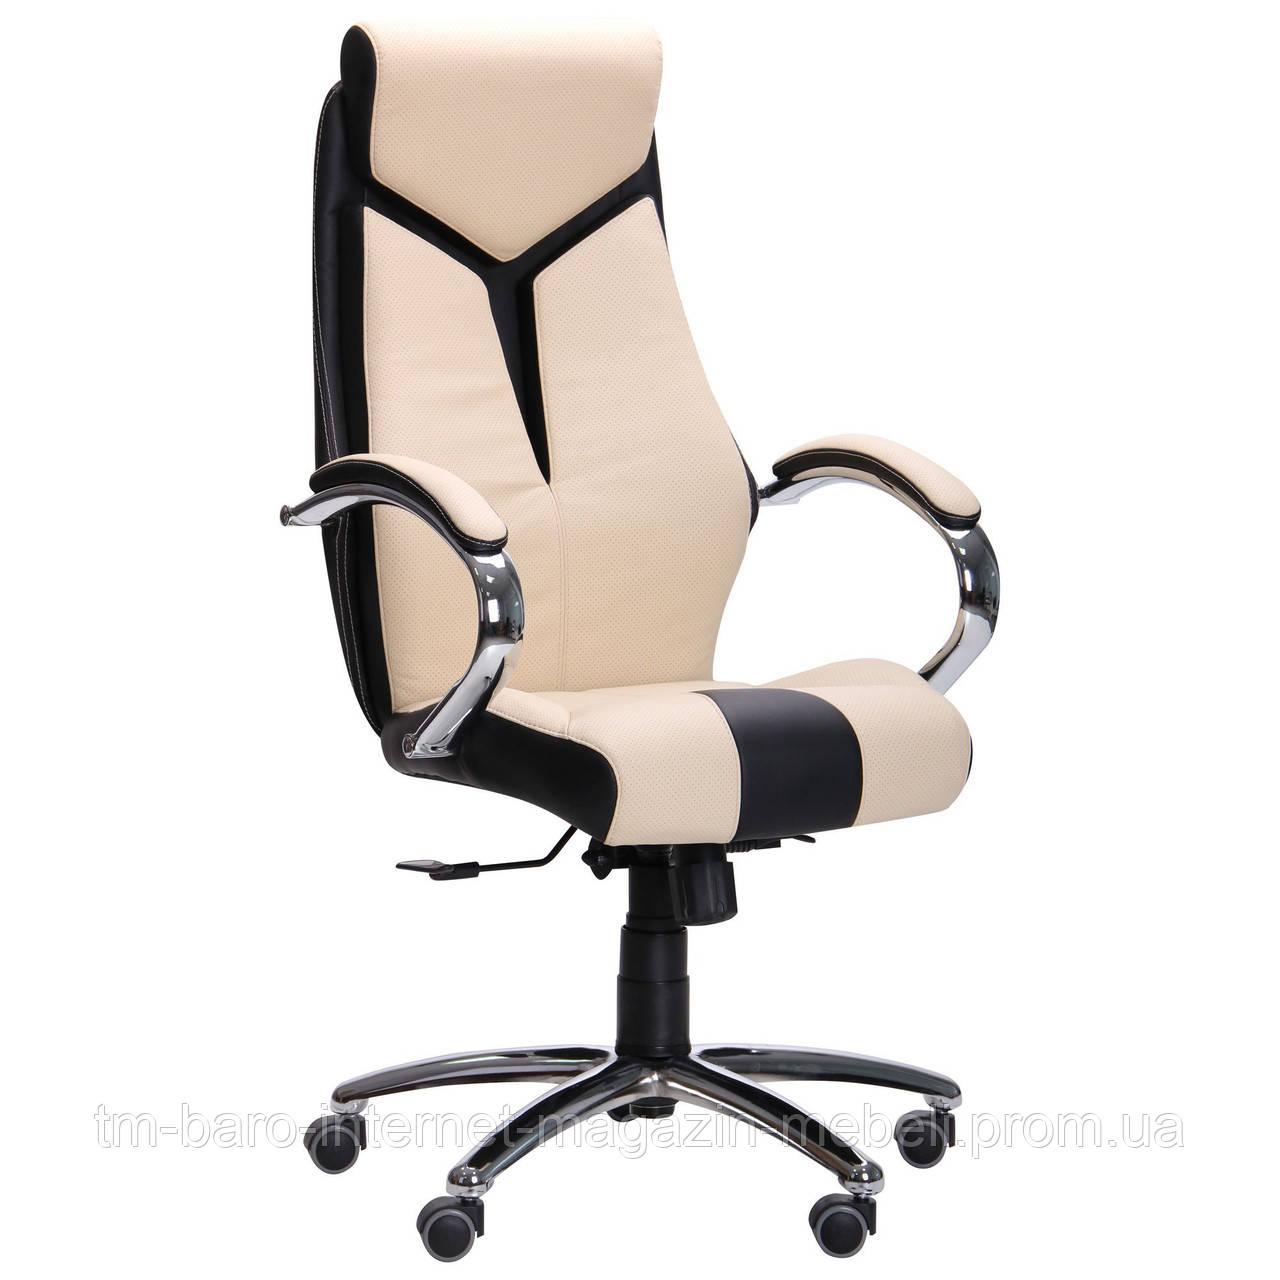 Кресло Прайм ANYFIX Хром Неаполь N-20 вставка Неаполь N-17 перфорир.